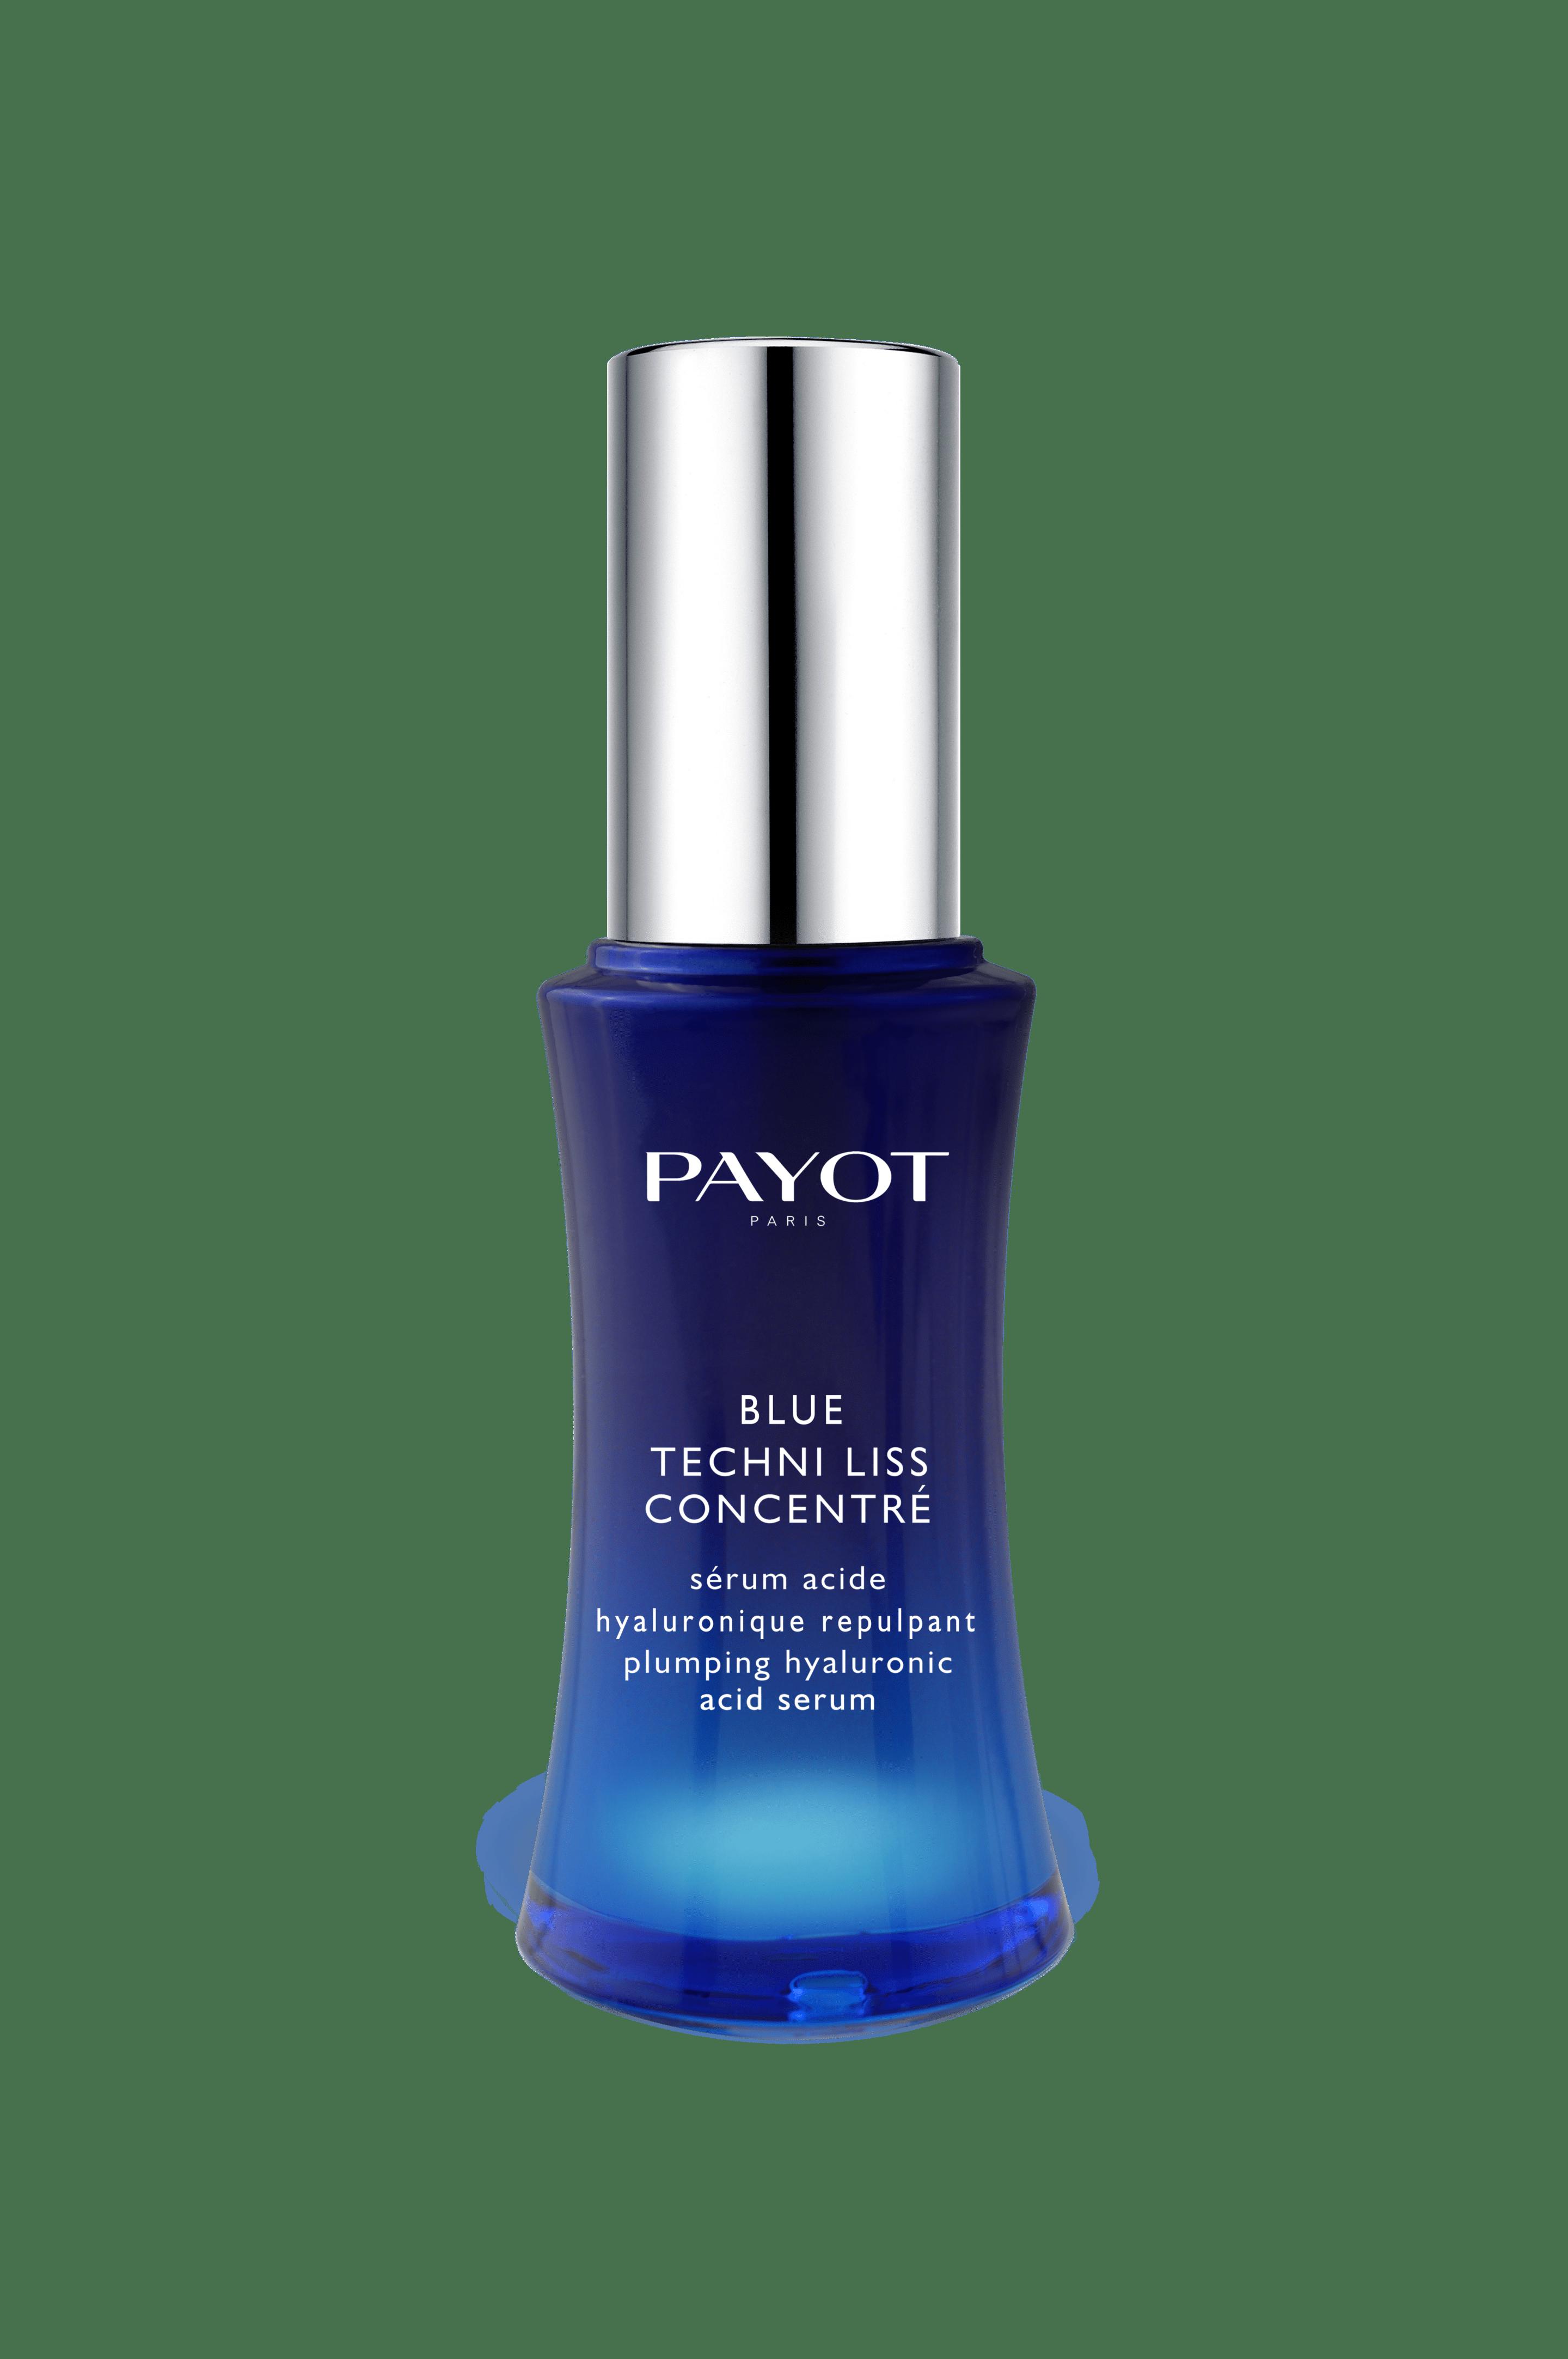 Blue Techni Liss Concentre